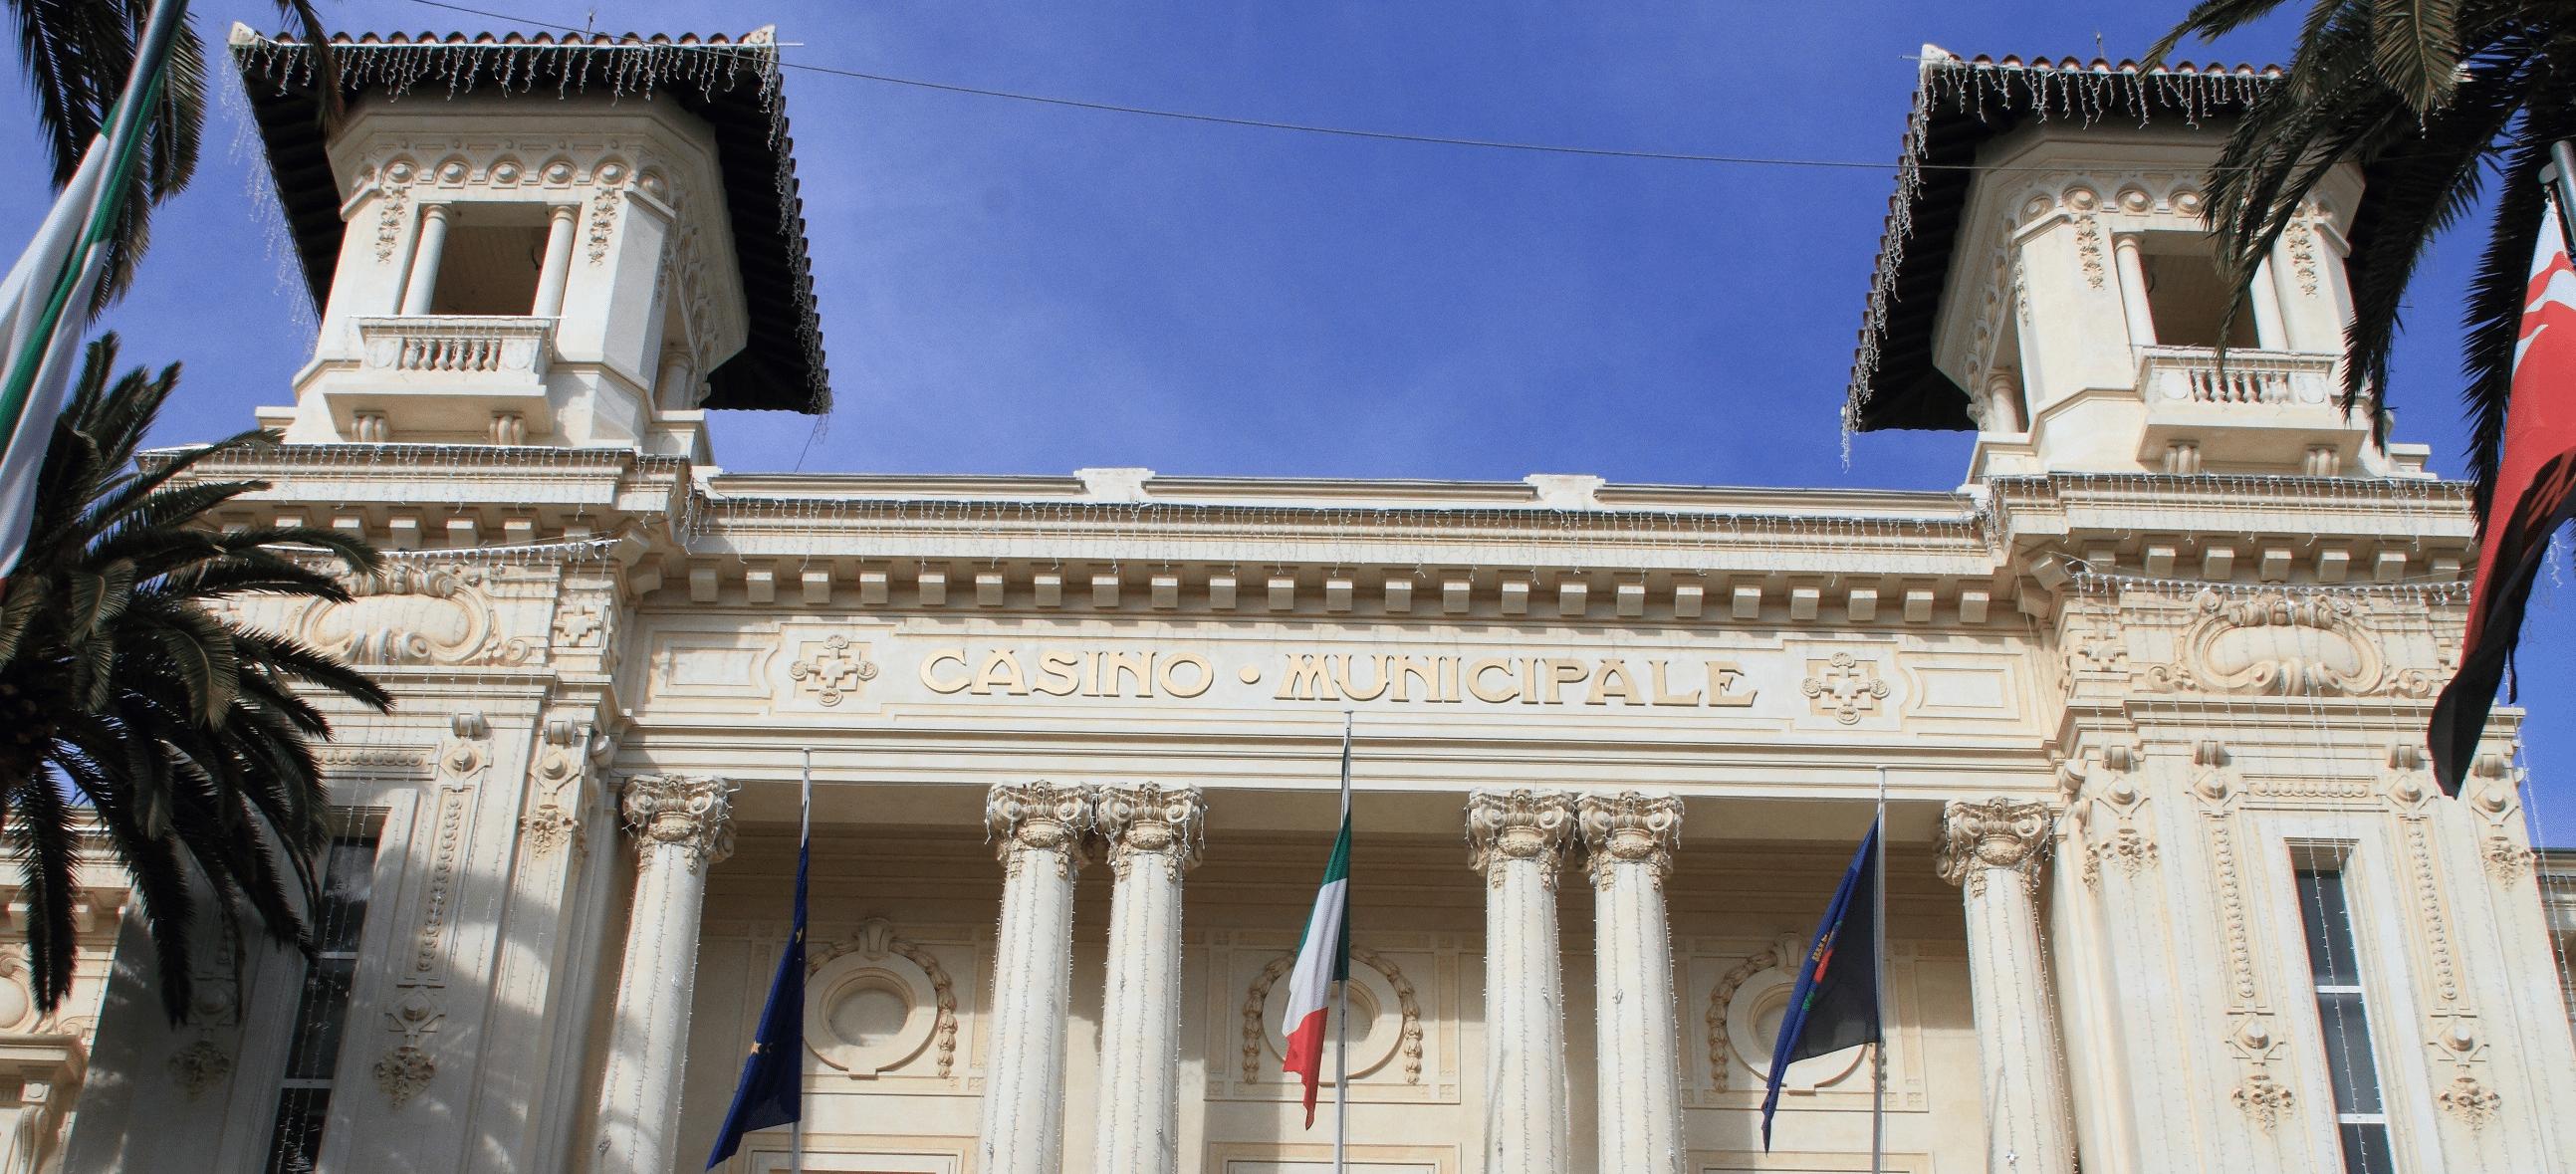 Sanremo entra nel settimana clou del Festival di Sanremo e in attesa della partenza perchè non fare un'occhiata alle sigle dei Festival passati? Sono spaccati di storia per'altro molto conosciutiall'estero,…